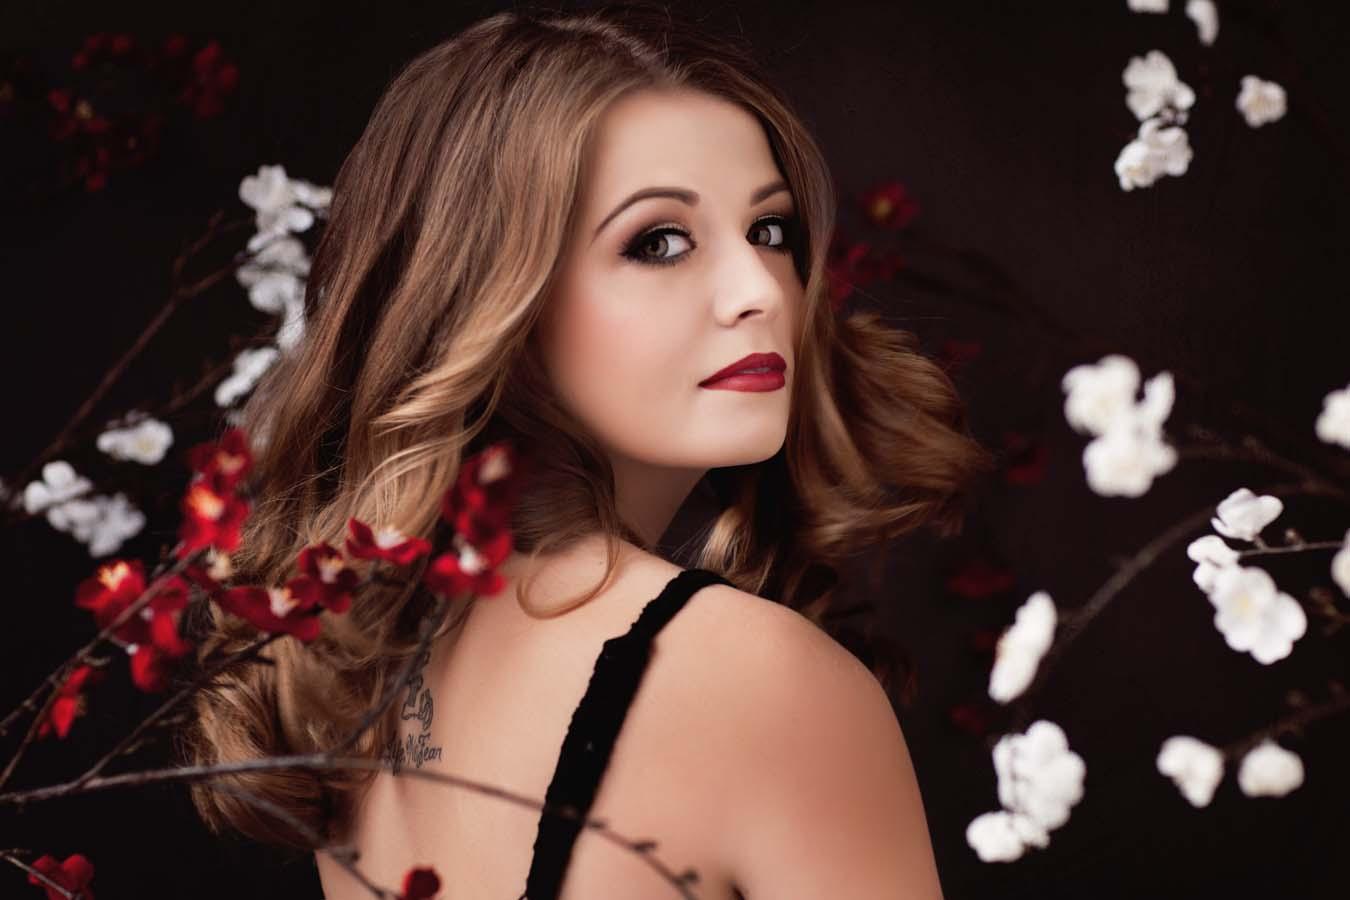 Vernisha Female Model Profile - Wichita, Kansas, US - 15